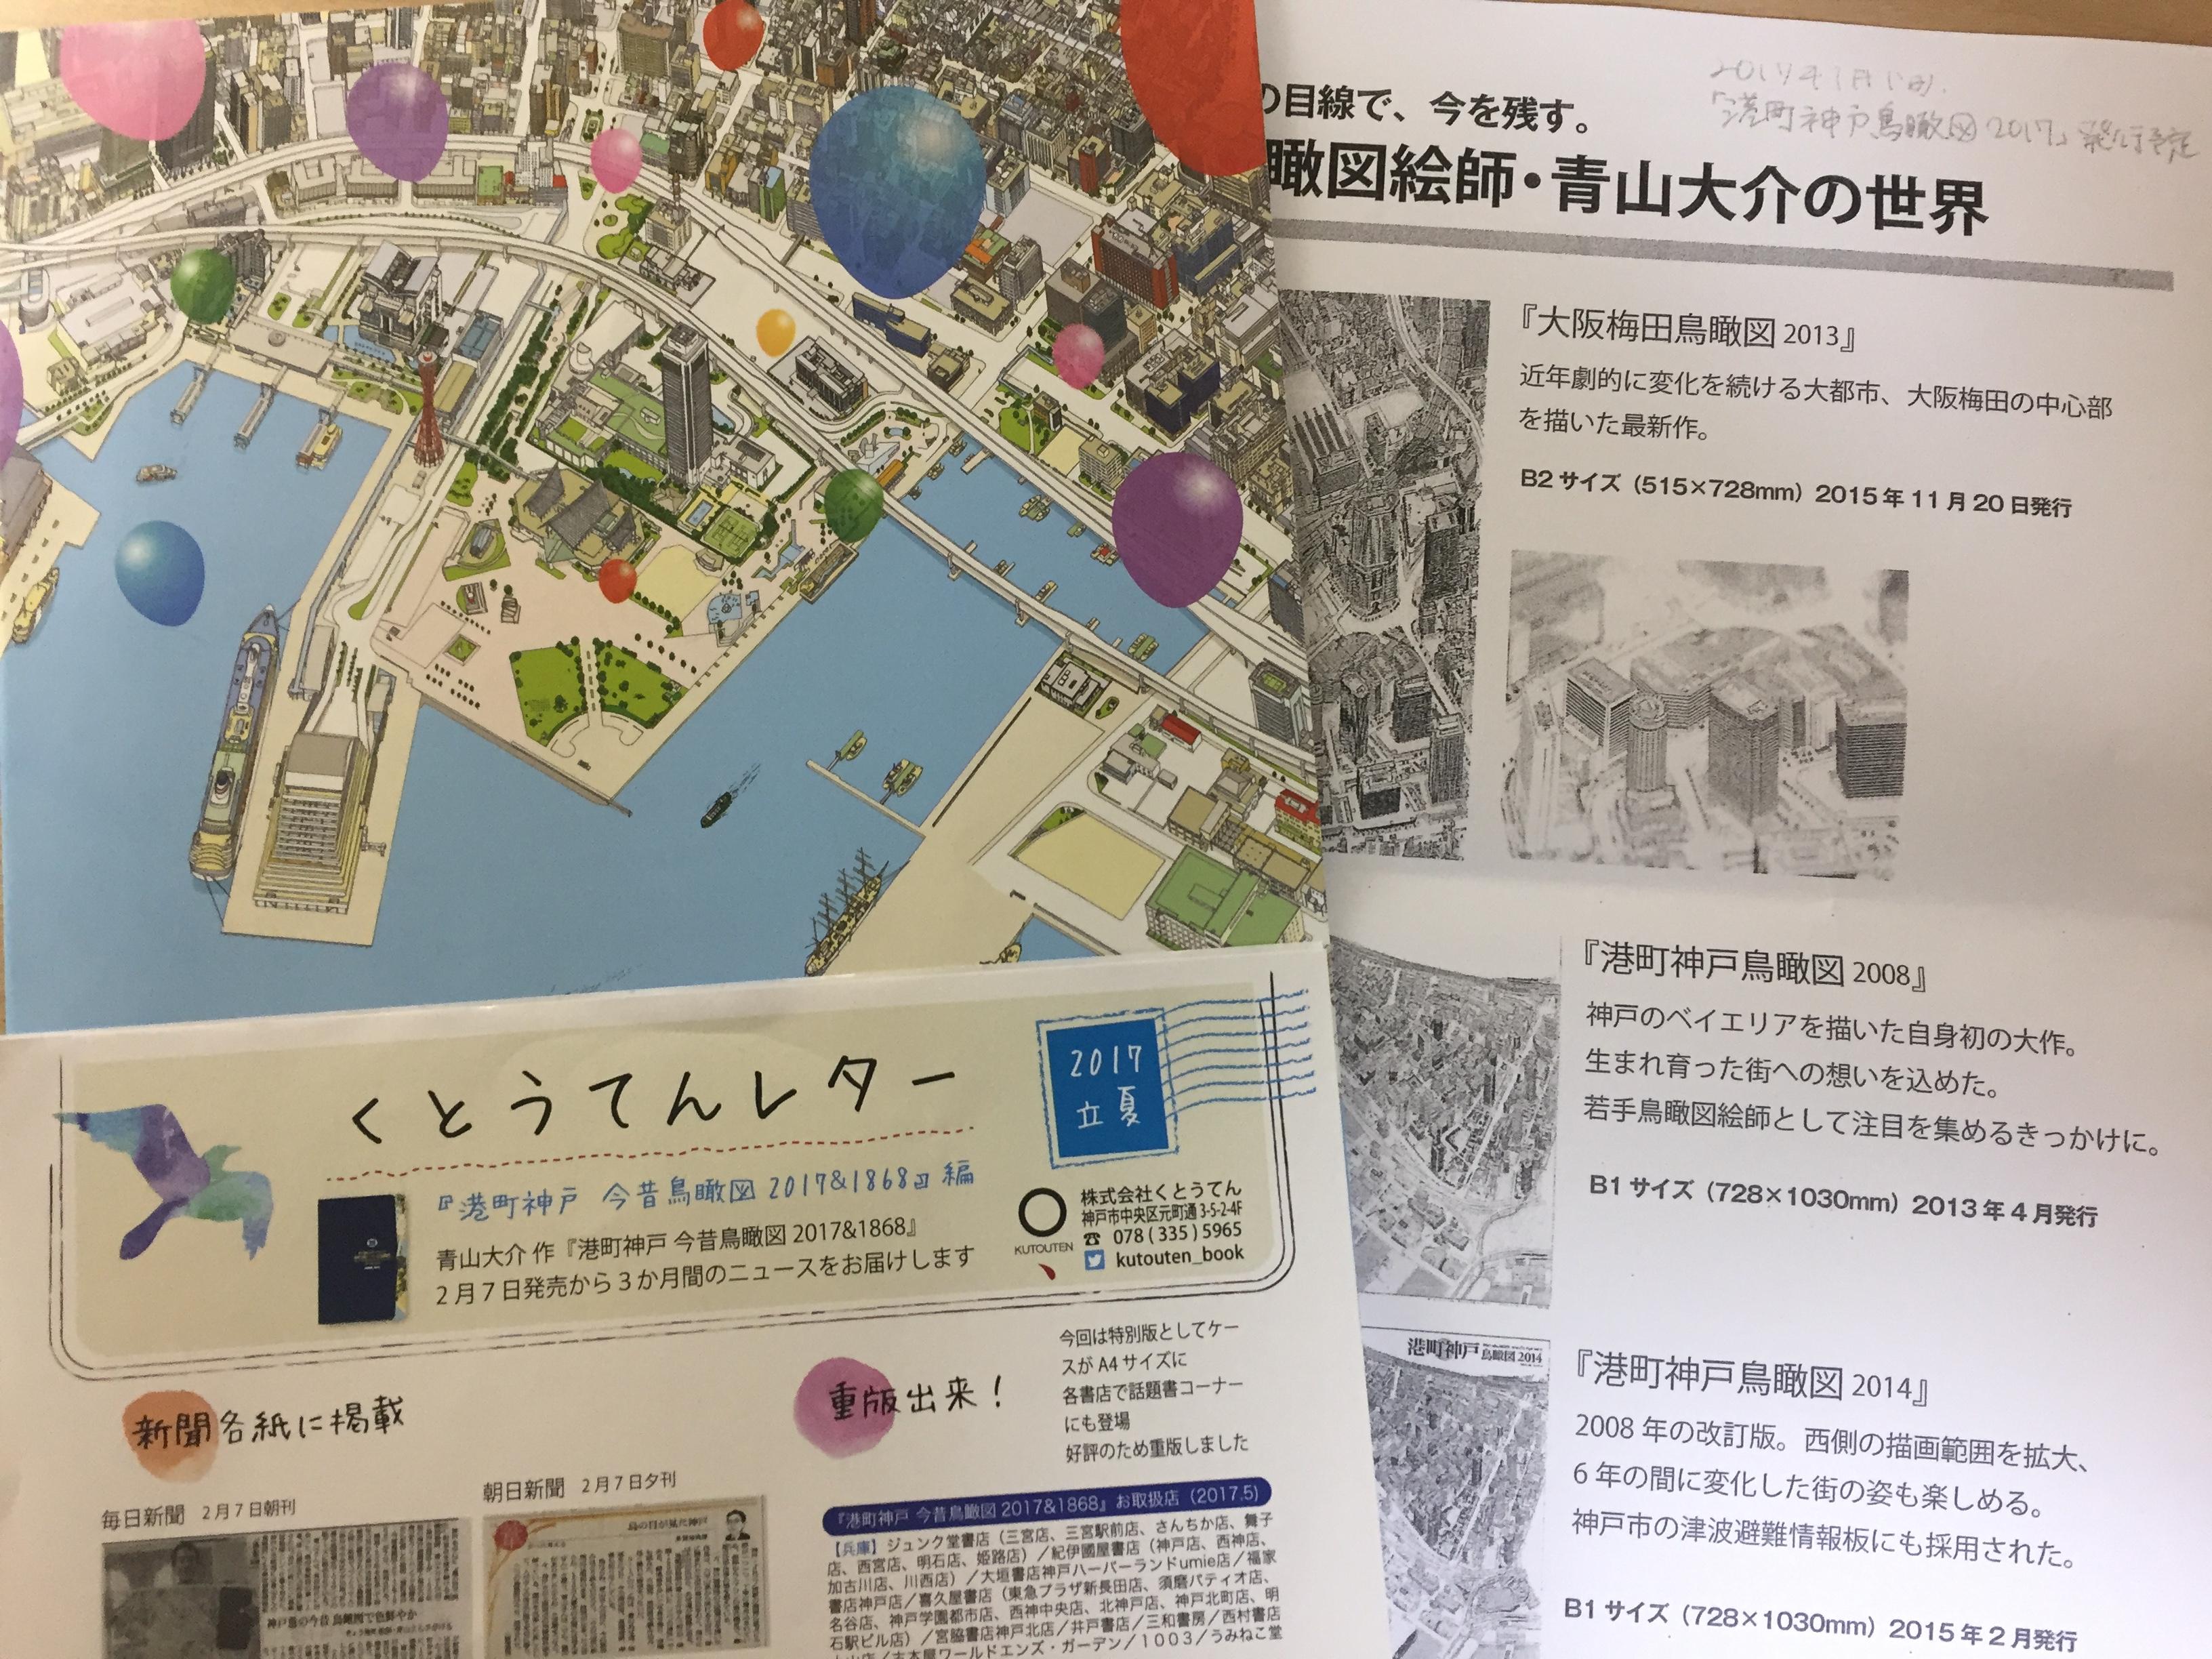 神戸・灘の六甲山専門学校で青山大介さんの「鳥瞰図で見る六甲山 記念碑台」を学ぶ!【大人の社会見学】